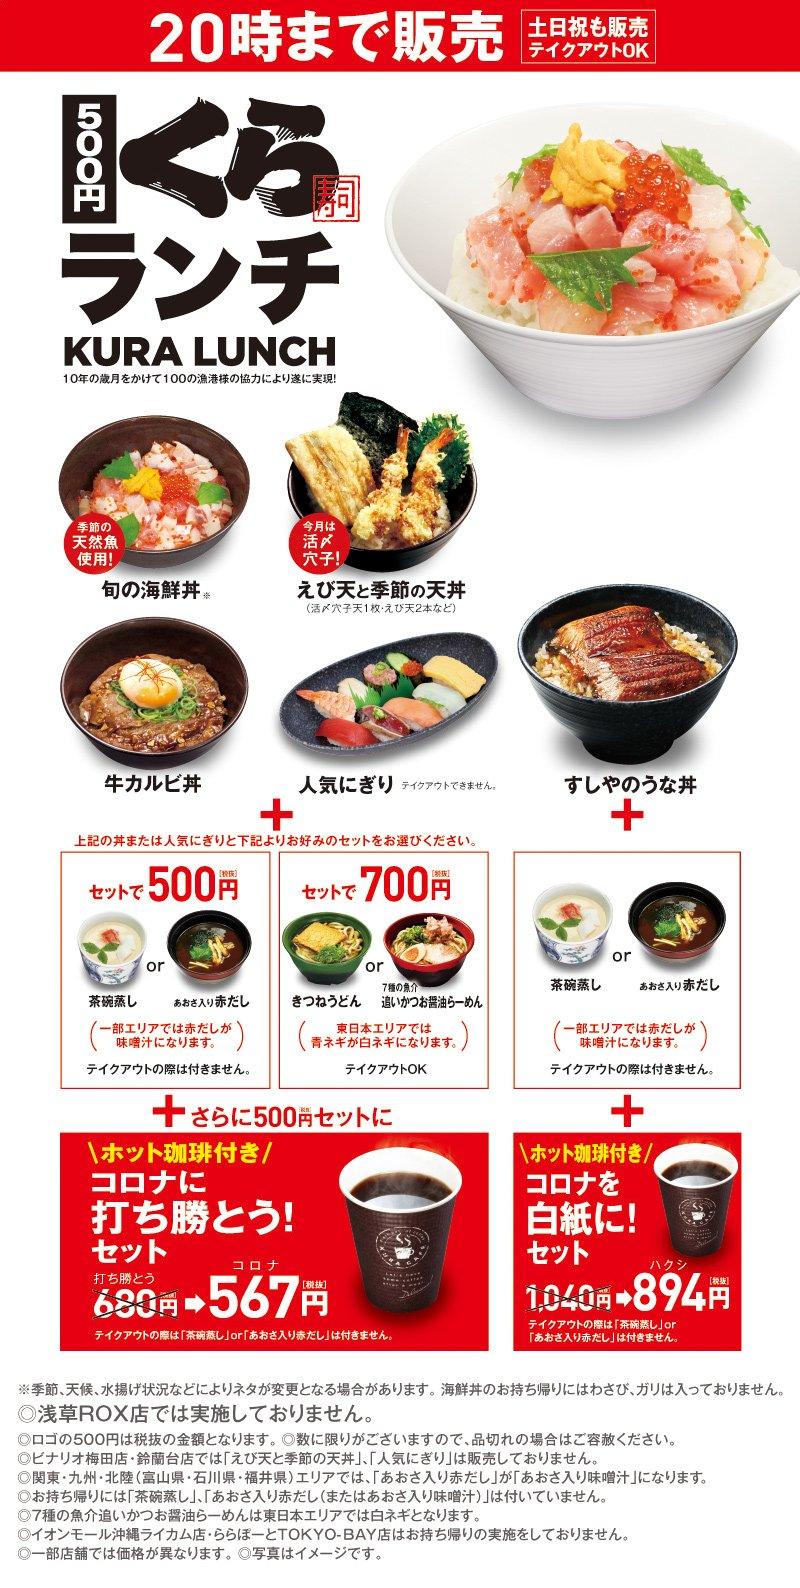 https://www.kurasushi.co.jp/upload/210201_lunch_LP01.jpg